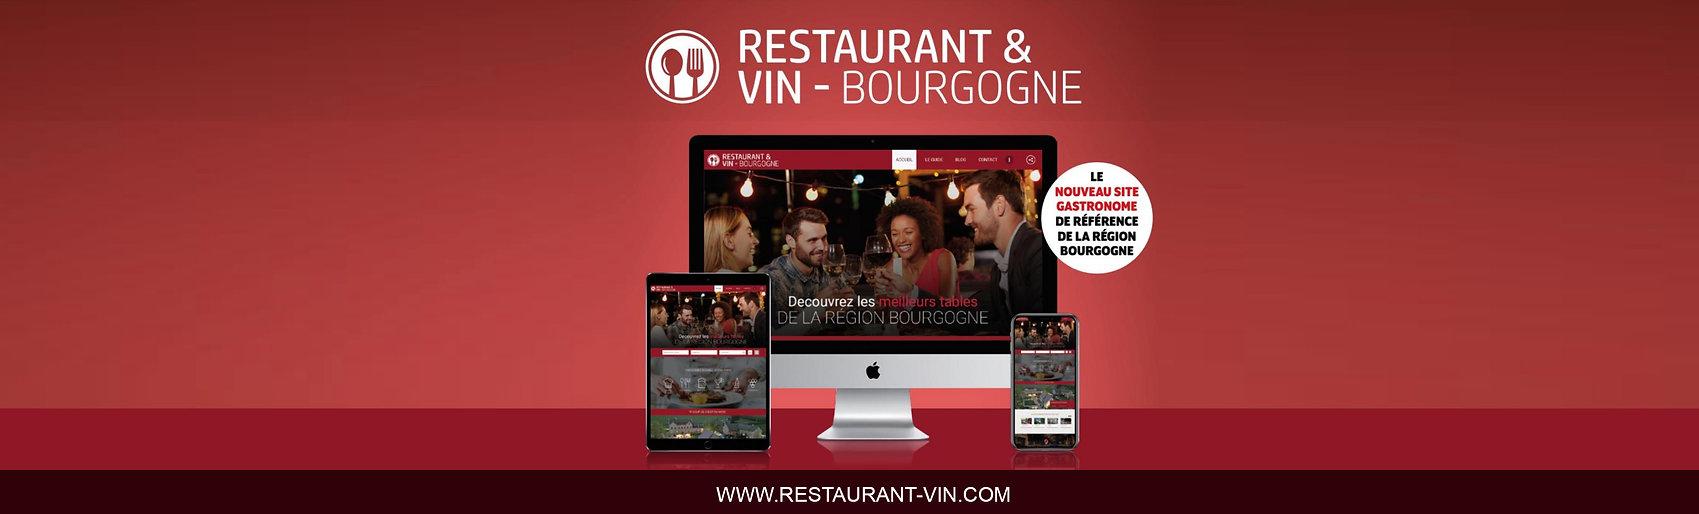 restaurant-vin.jpg